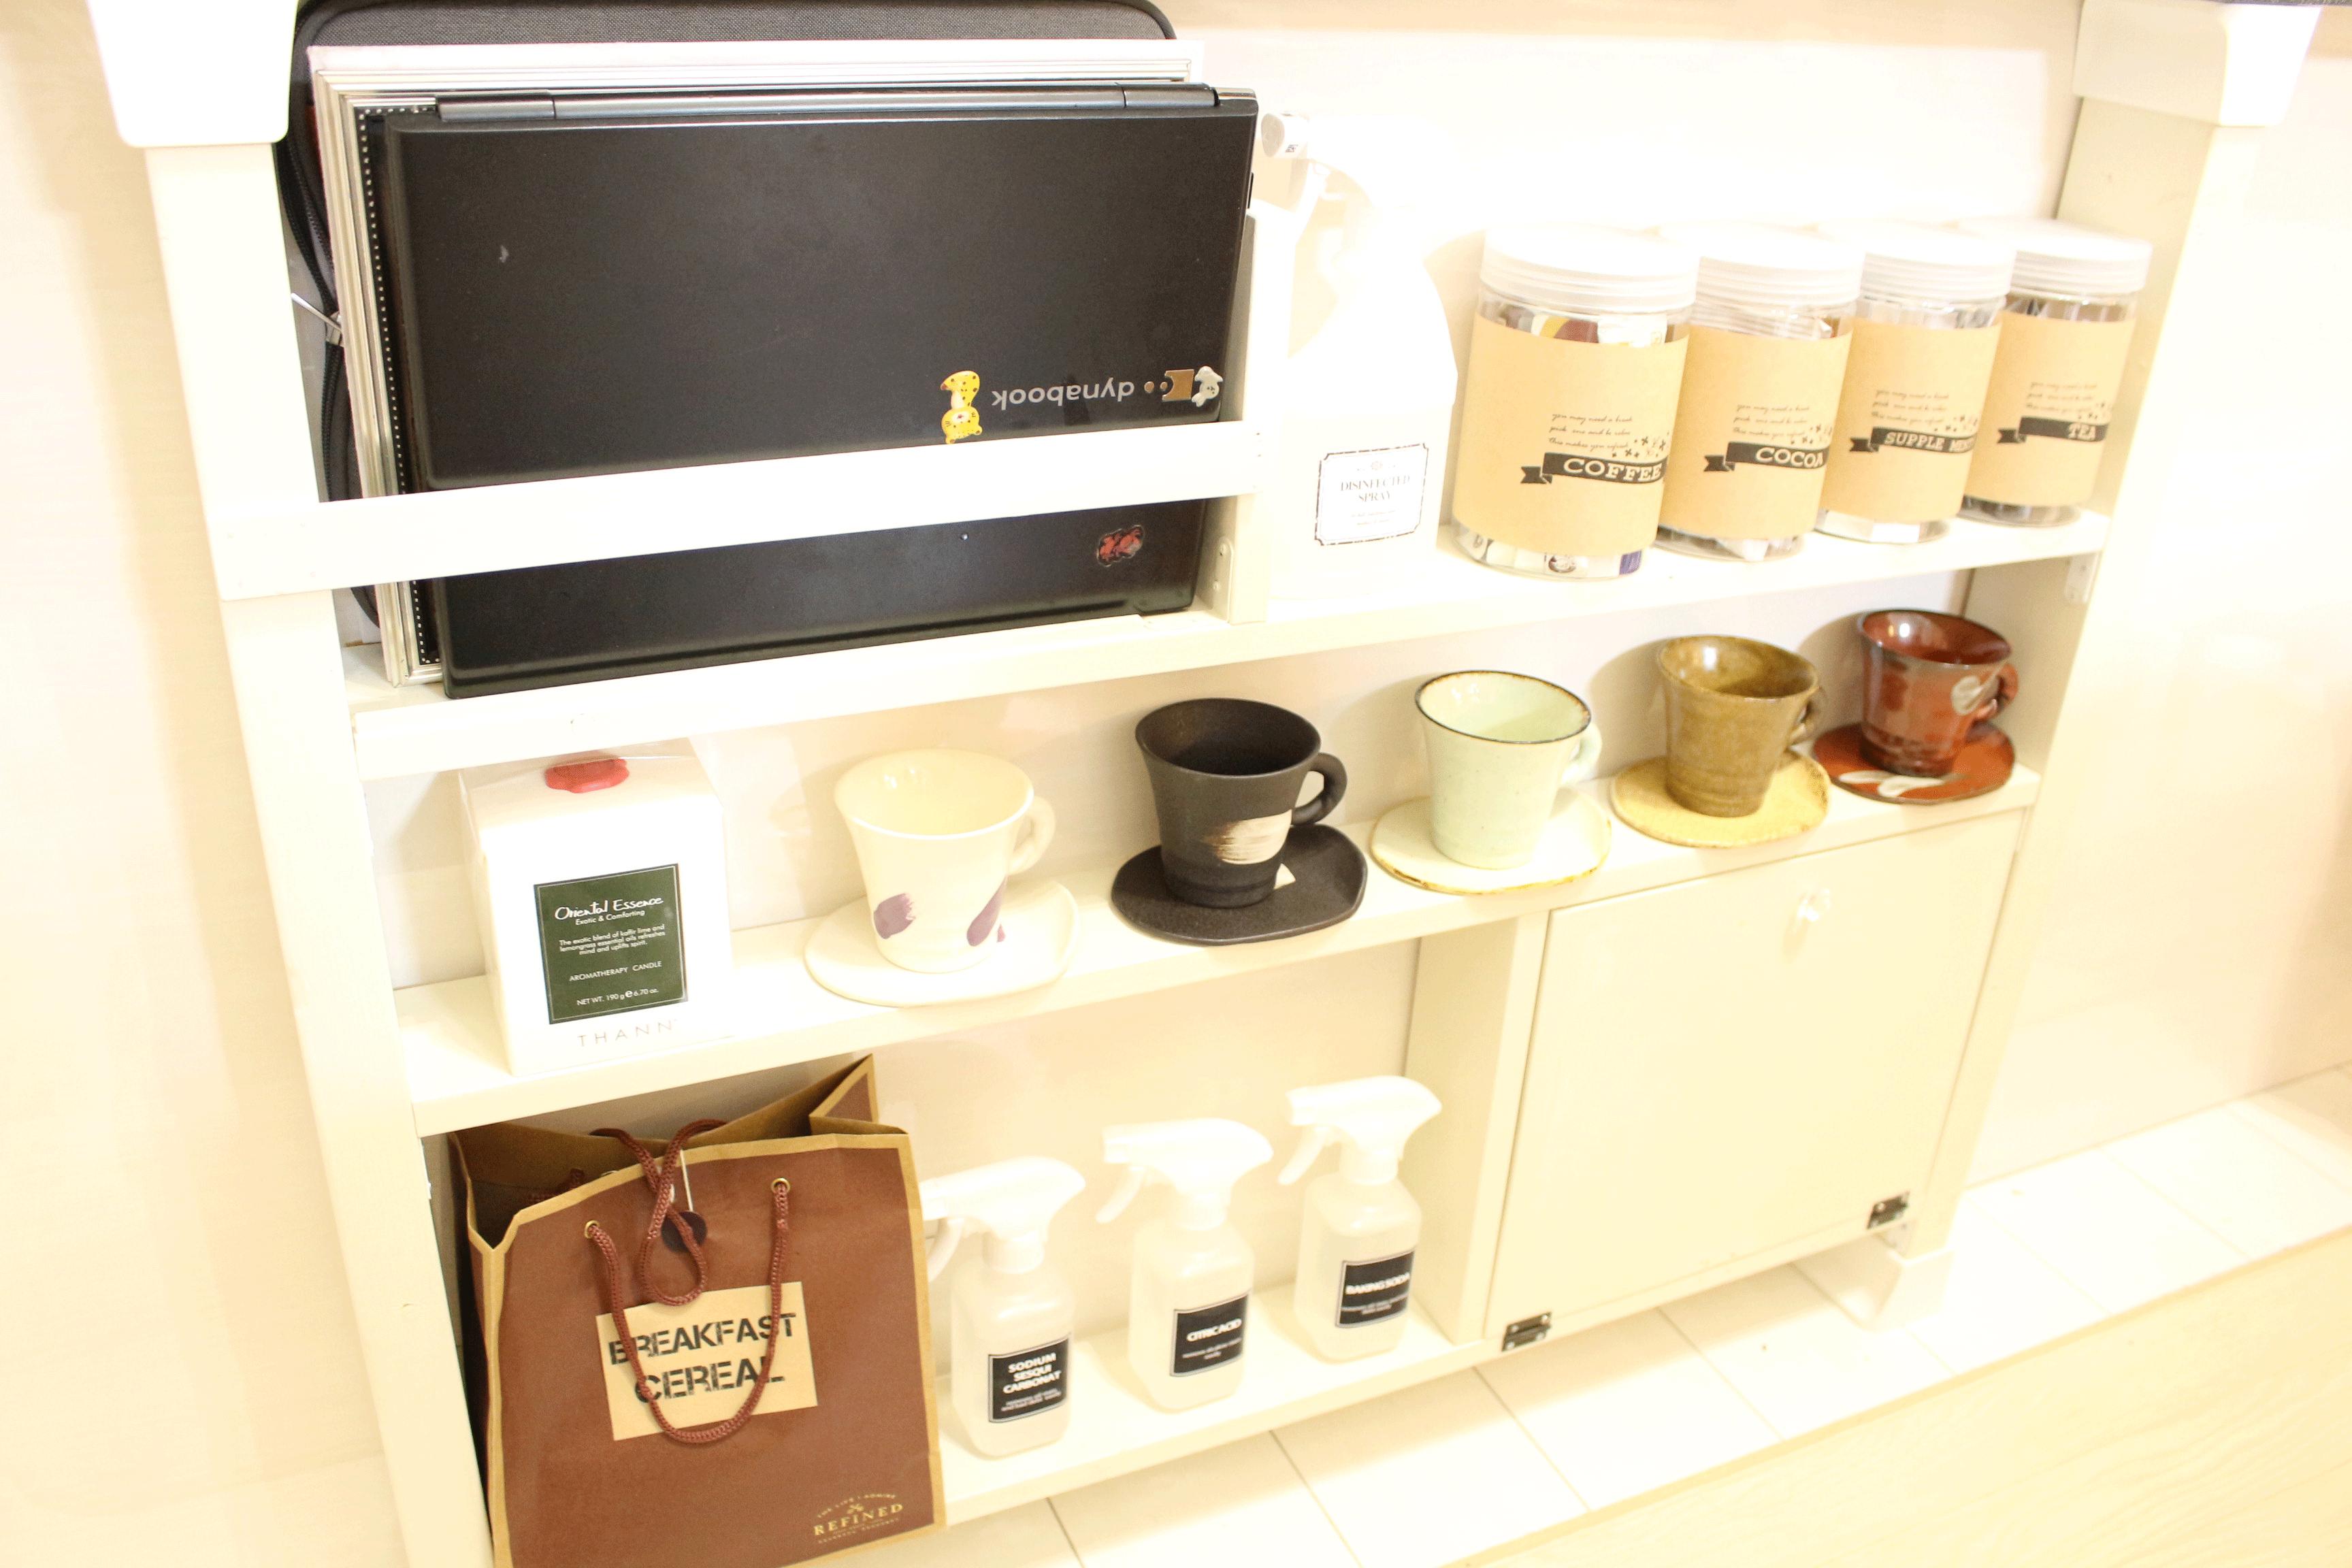 無料配布,人気,コーヒー,ラベル,自作,モノトーン,サプリメント,収納方法